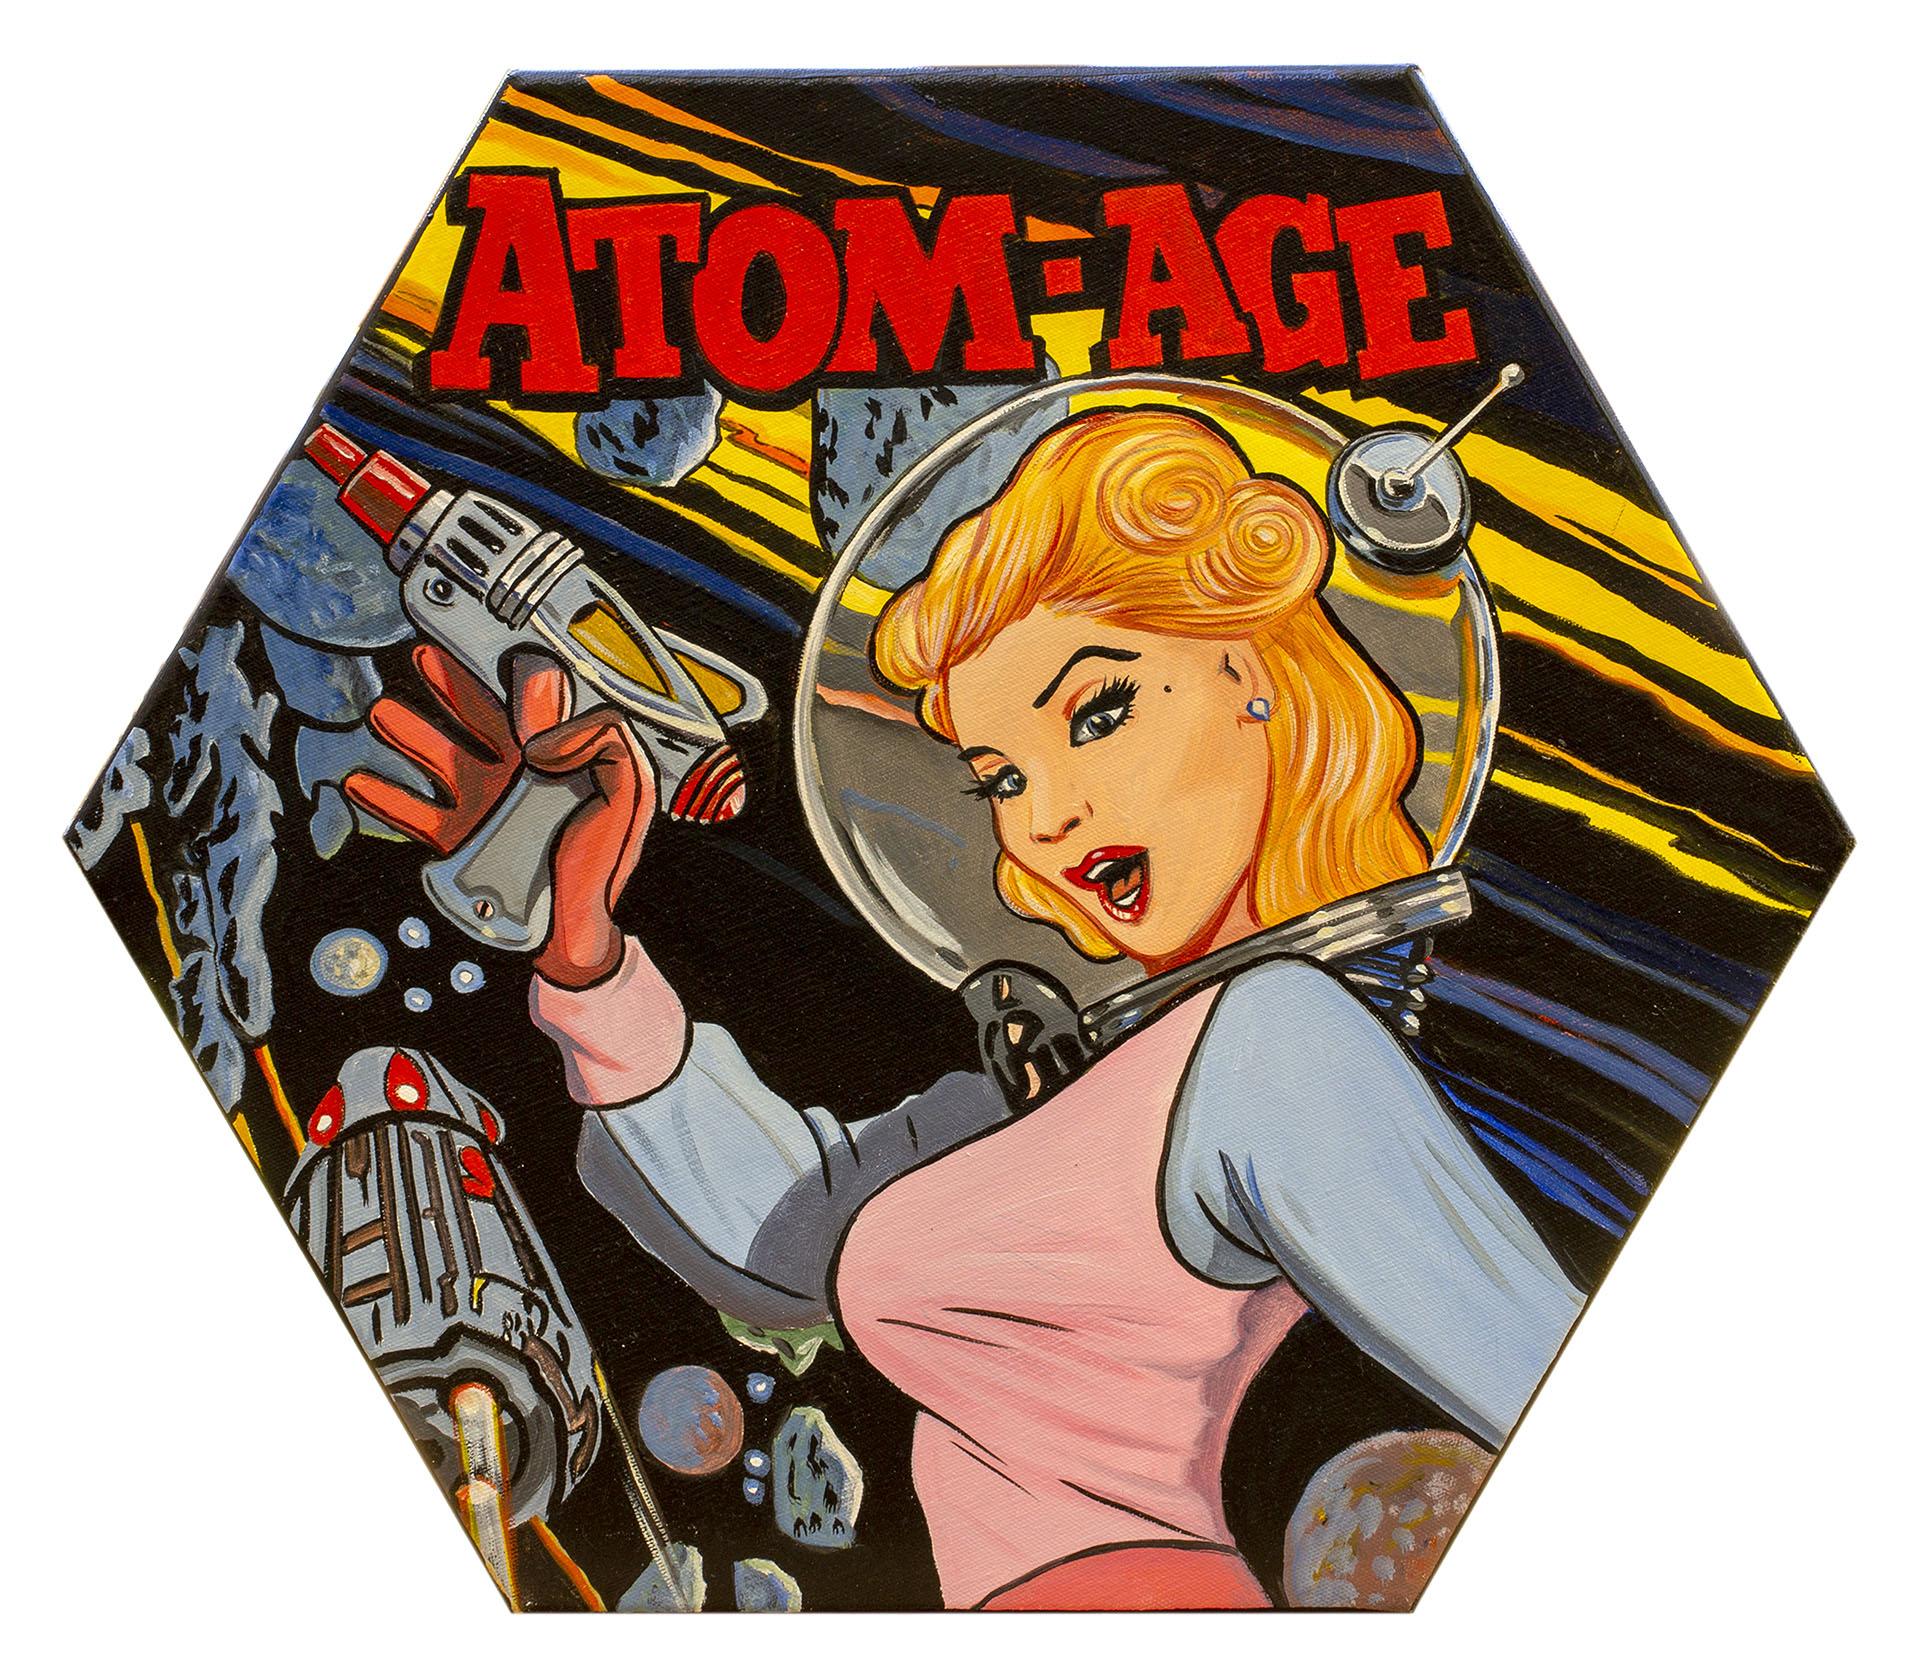 ATOM AGE 50X43